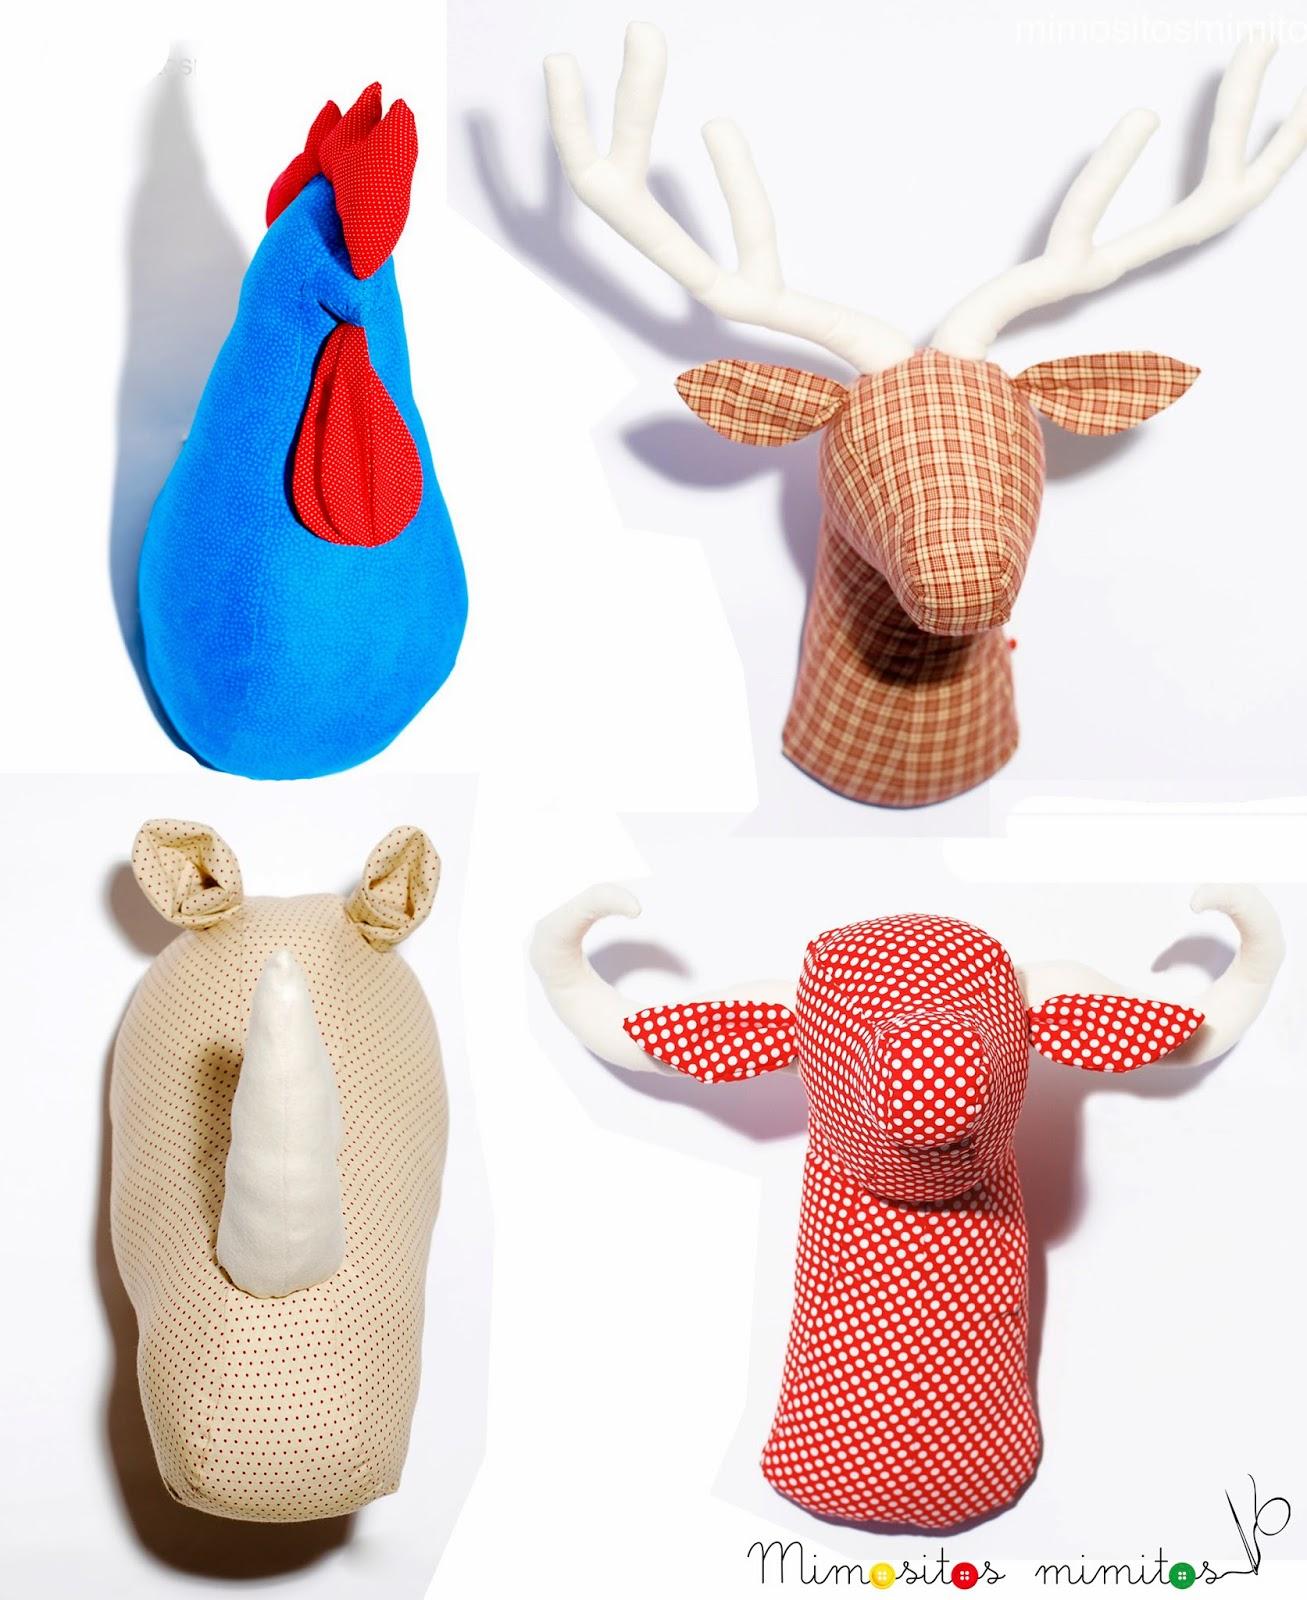 cabeza rinoceronte tela decoración interiorismo casa decoration home hecho a mano handmade rhino ciervo deer toro bull gallo